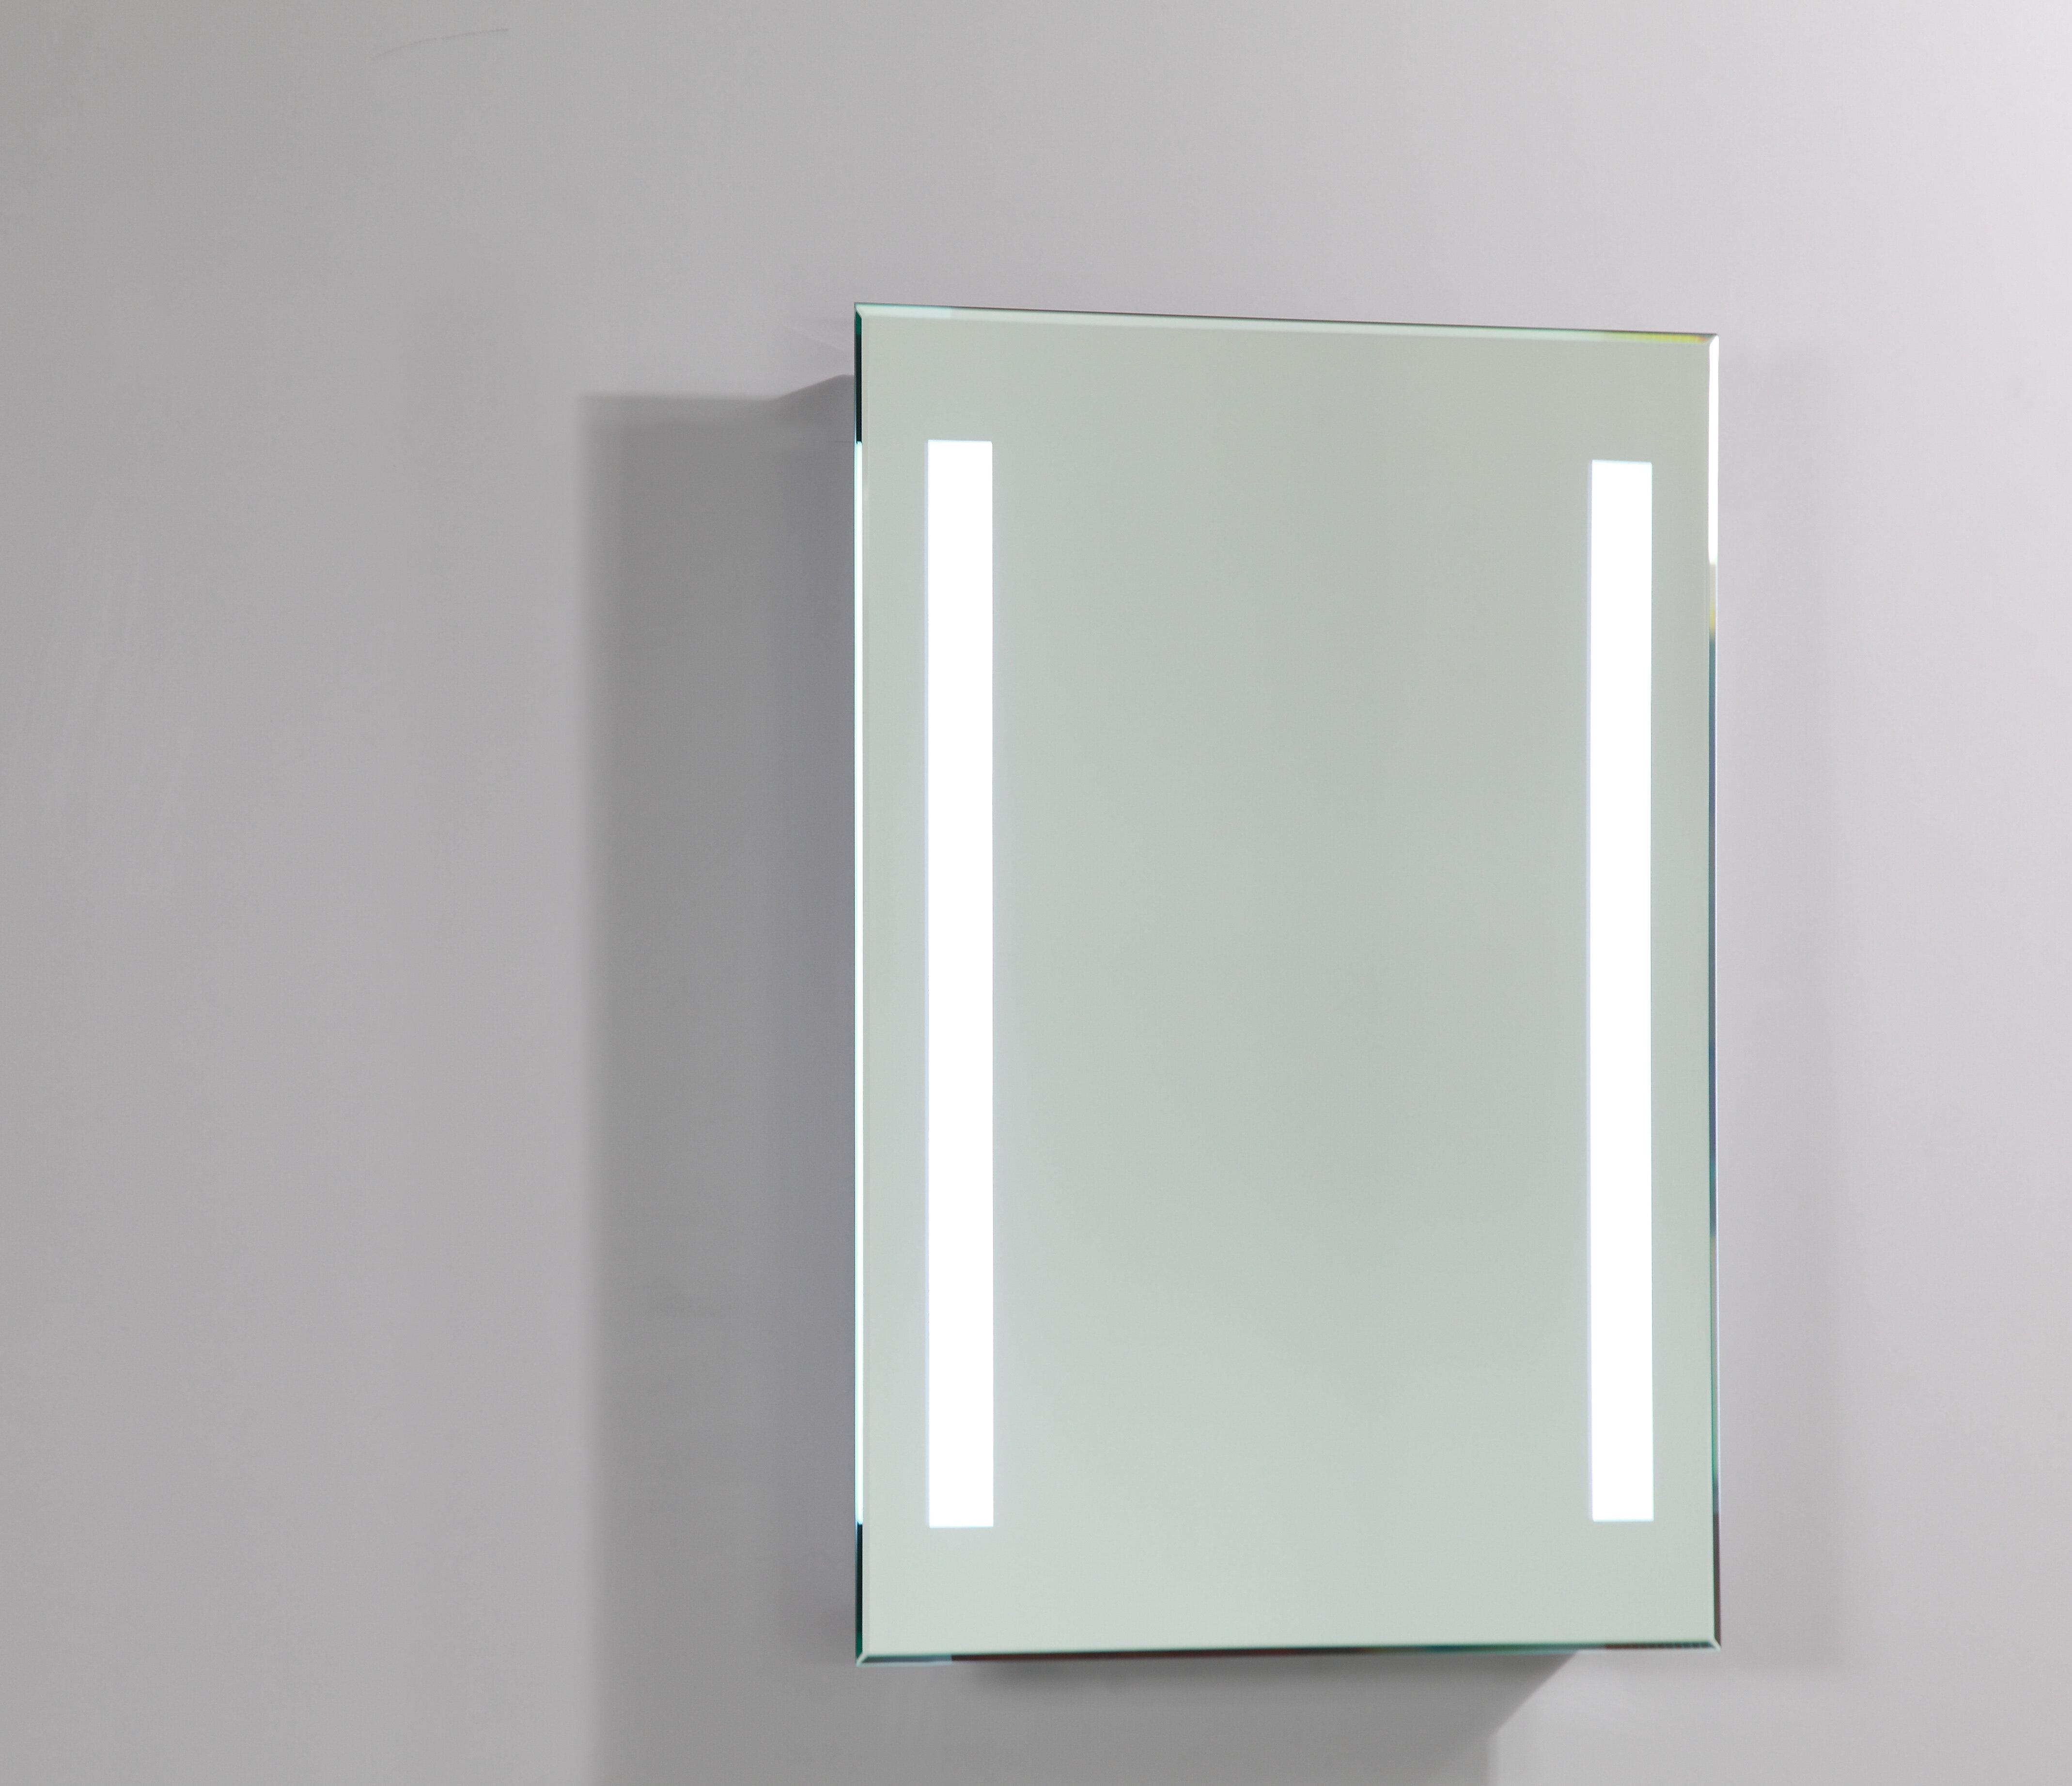 Vanity Art Lighted Bathroom/Vanity Mirror   Wayfair